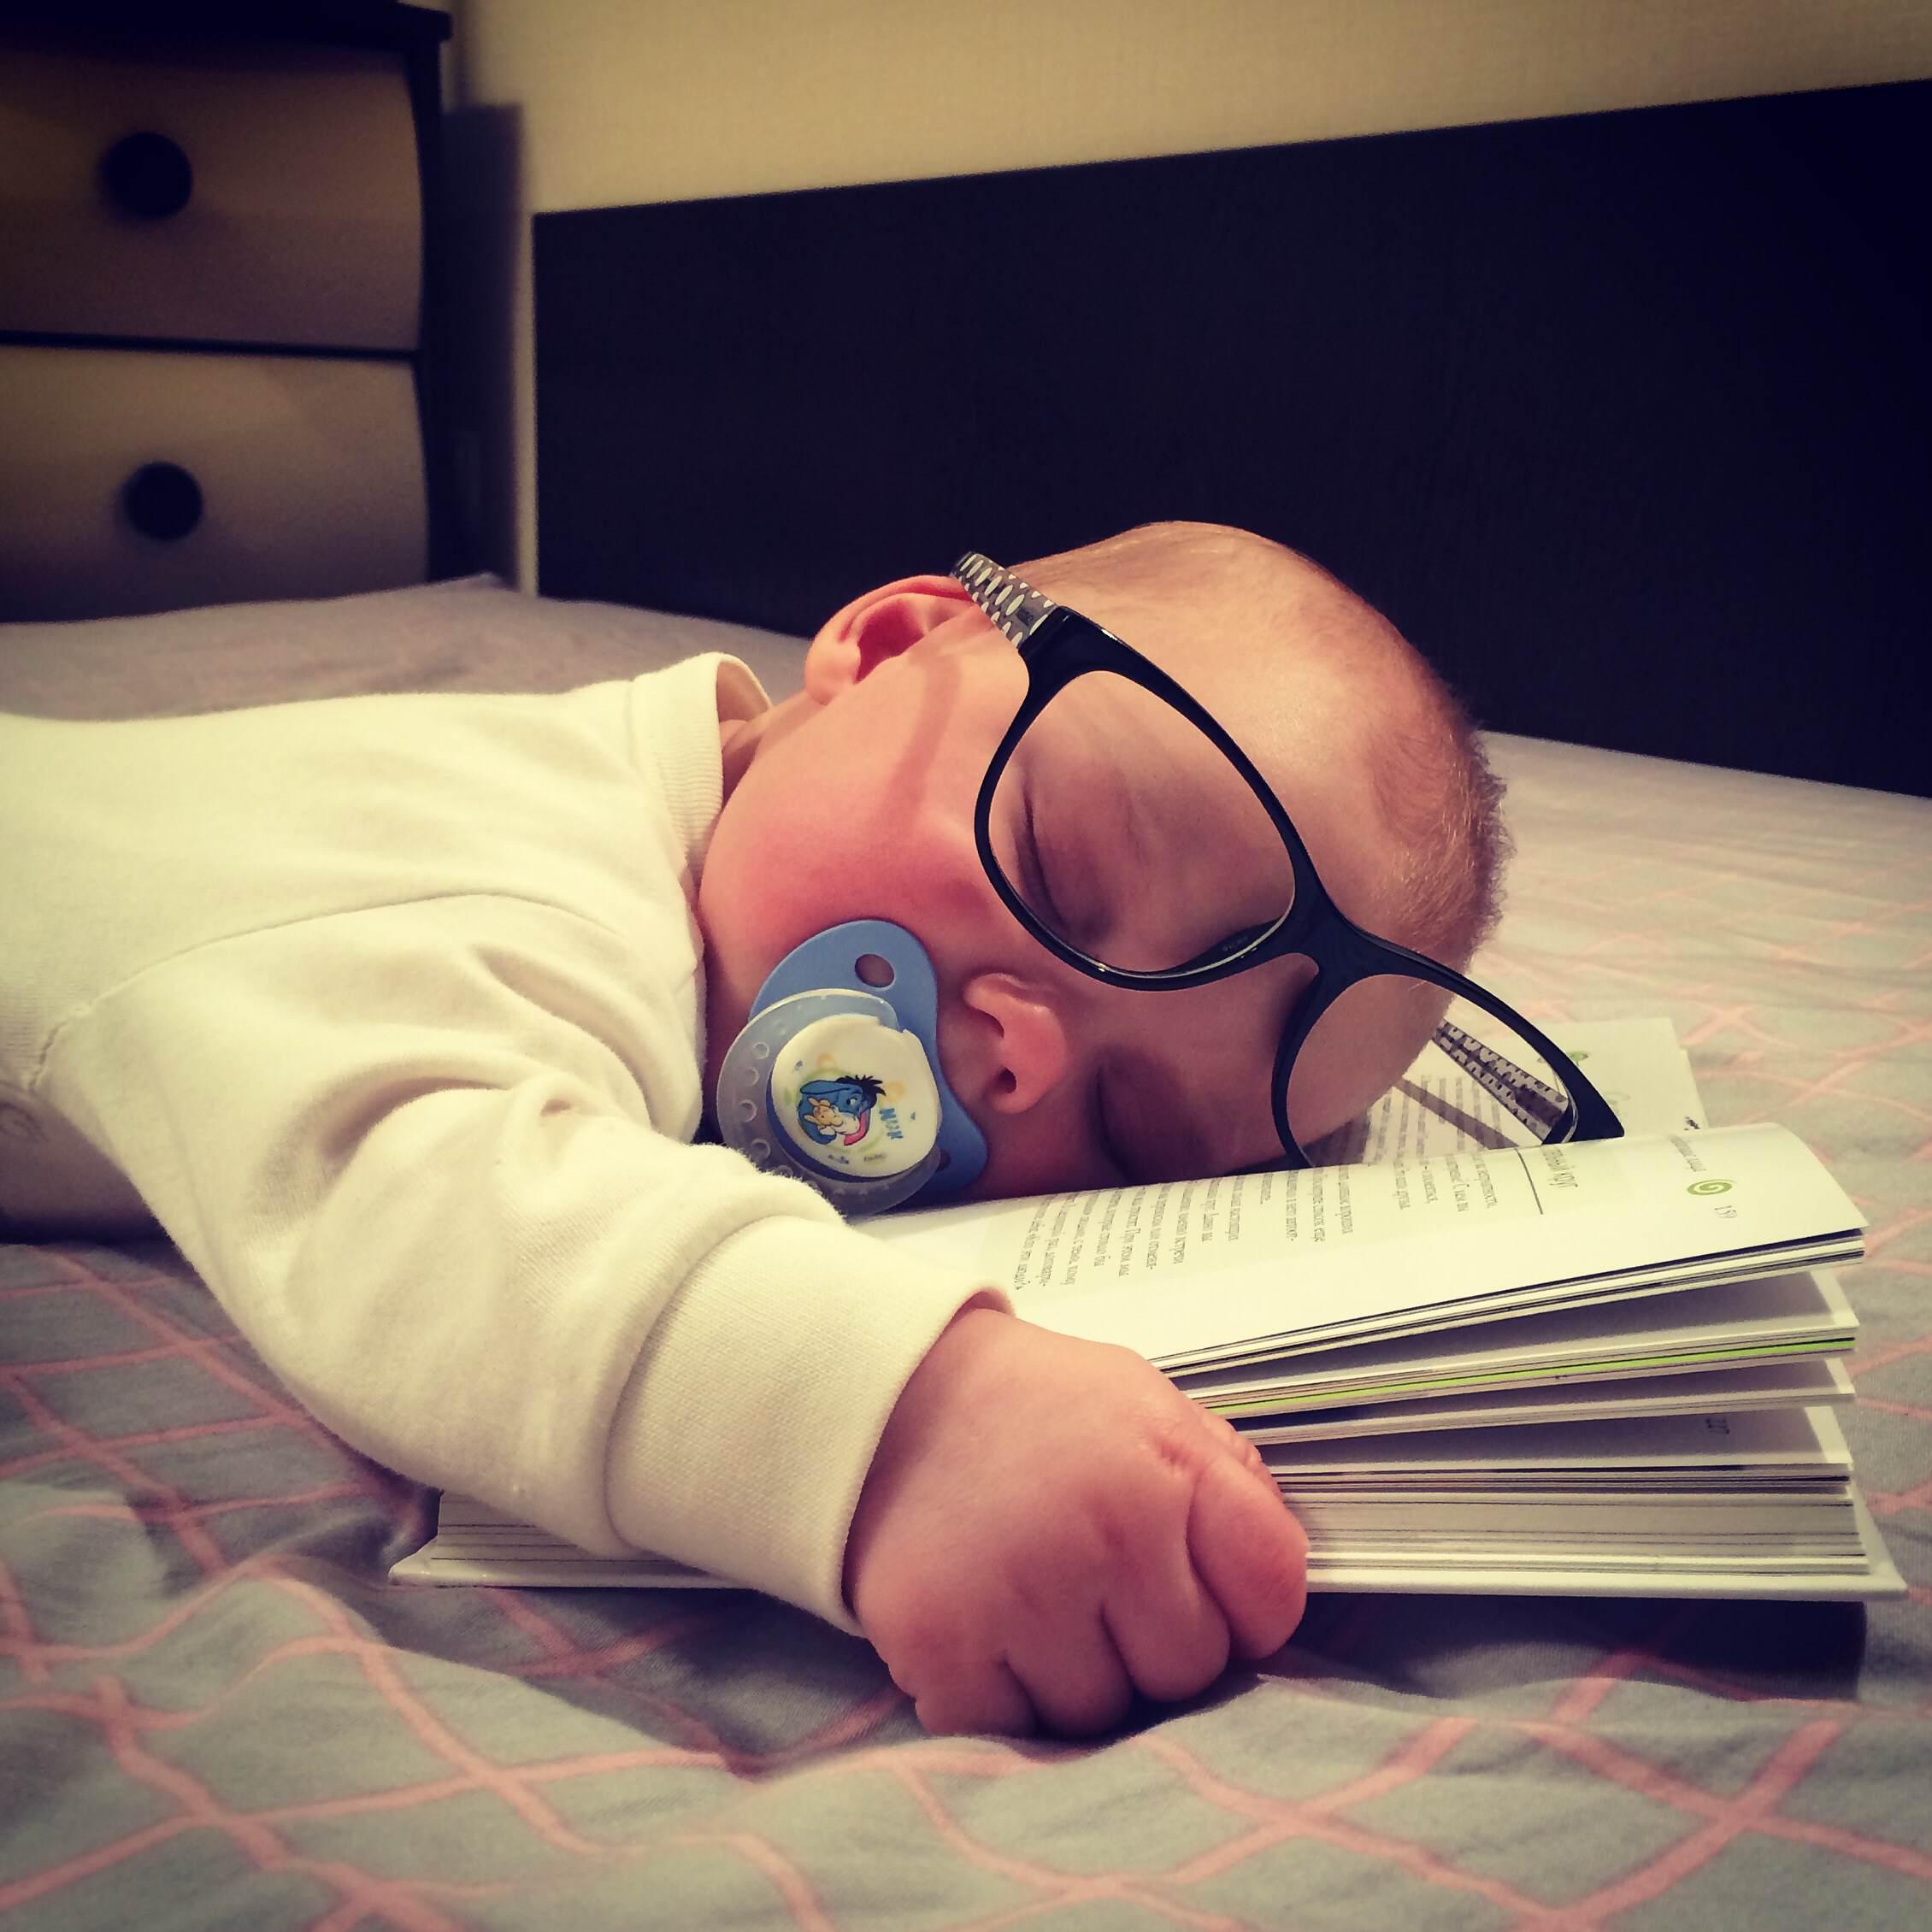 Зачитался :). Спокойной ночи! Кто спит слаще всего?